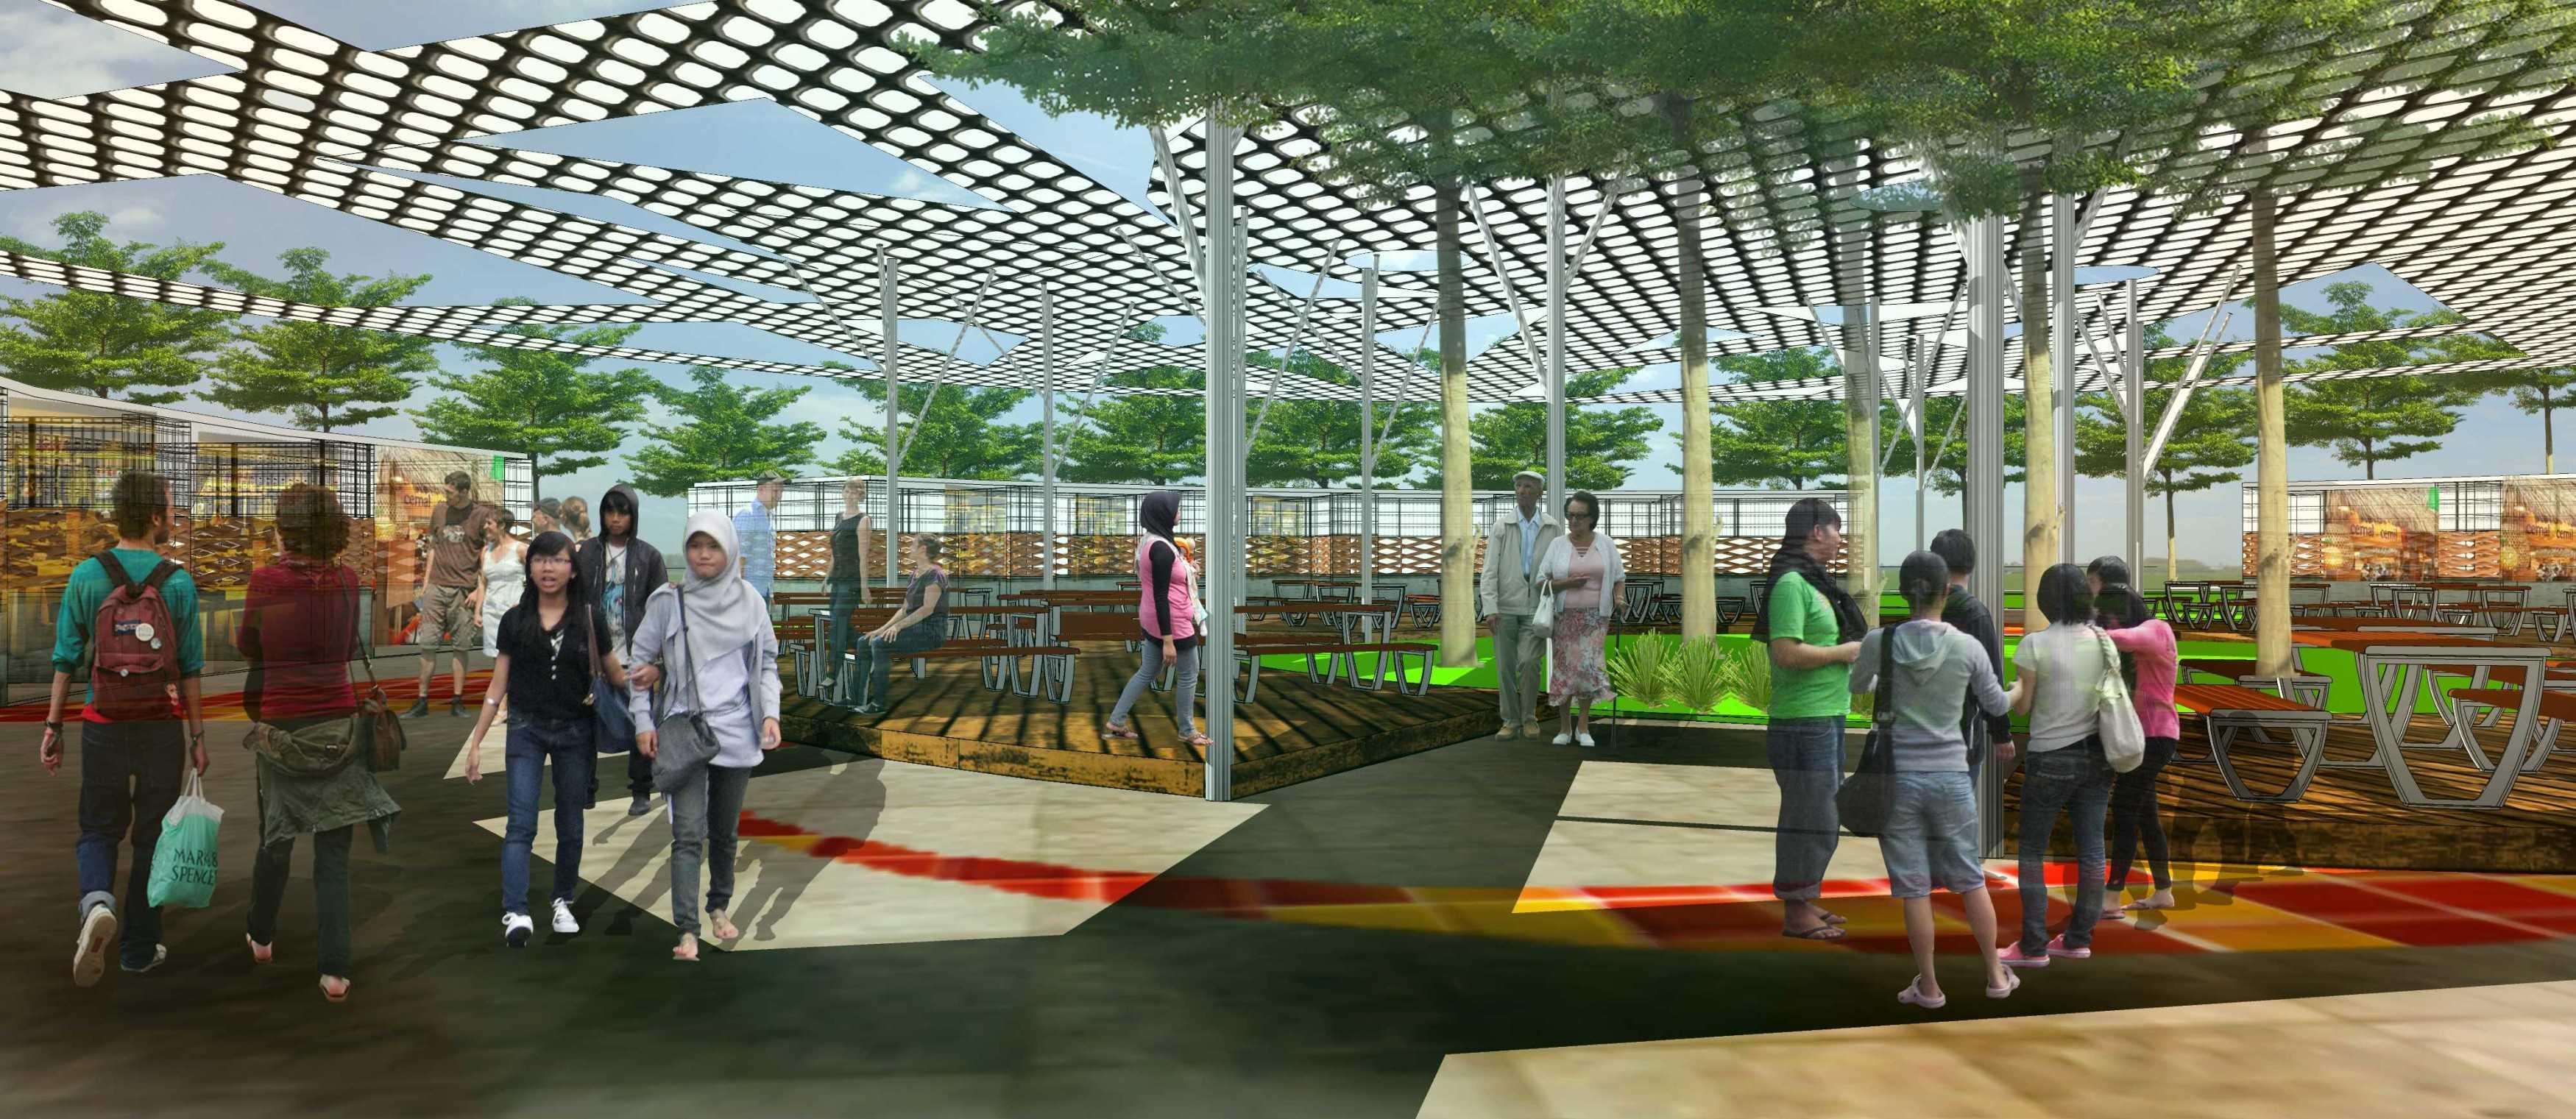 Gubah Ruang Studio Tegal Lega Park Bandung, Kota Bandung, Jawa Barat, Indonesia Bandung, Kota Bandung, Jawa Barat, Indonesia Tegal Lega Park   50740